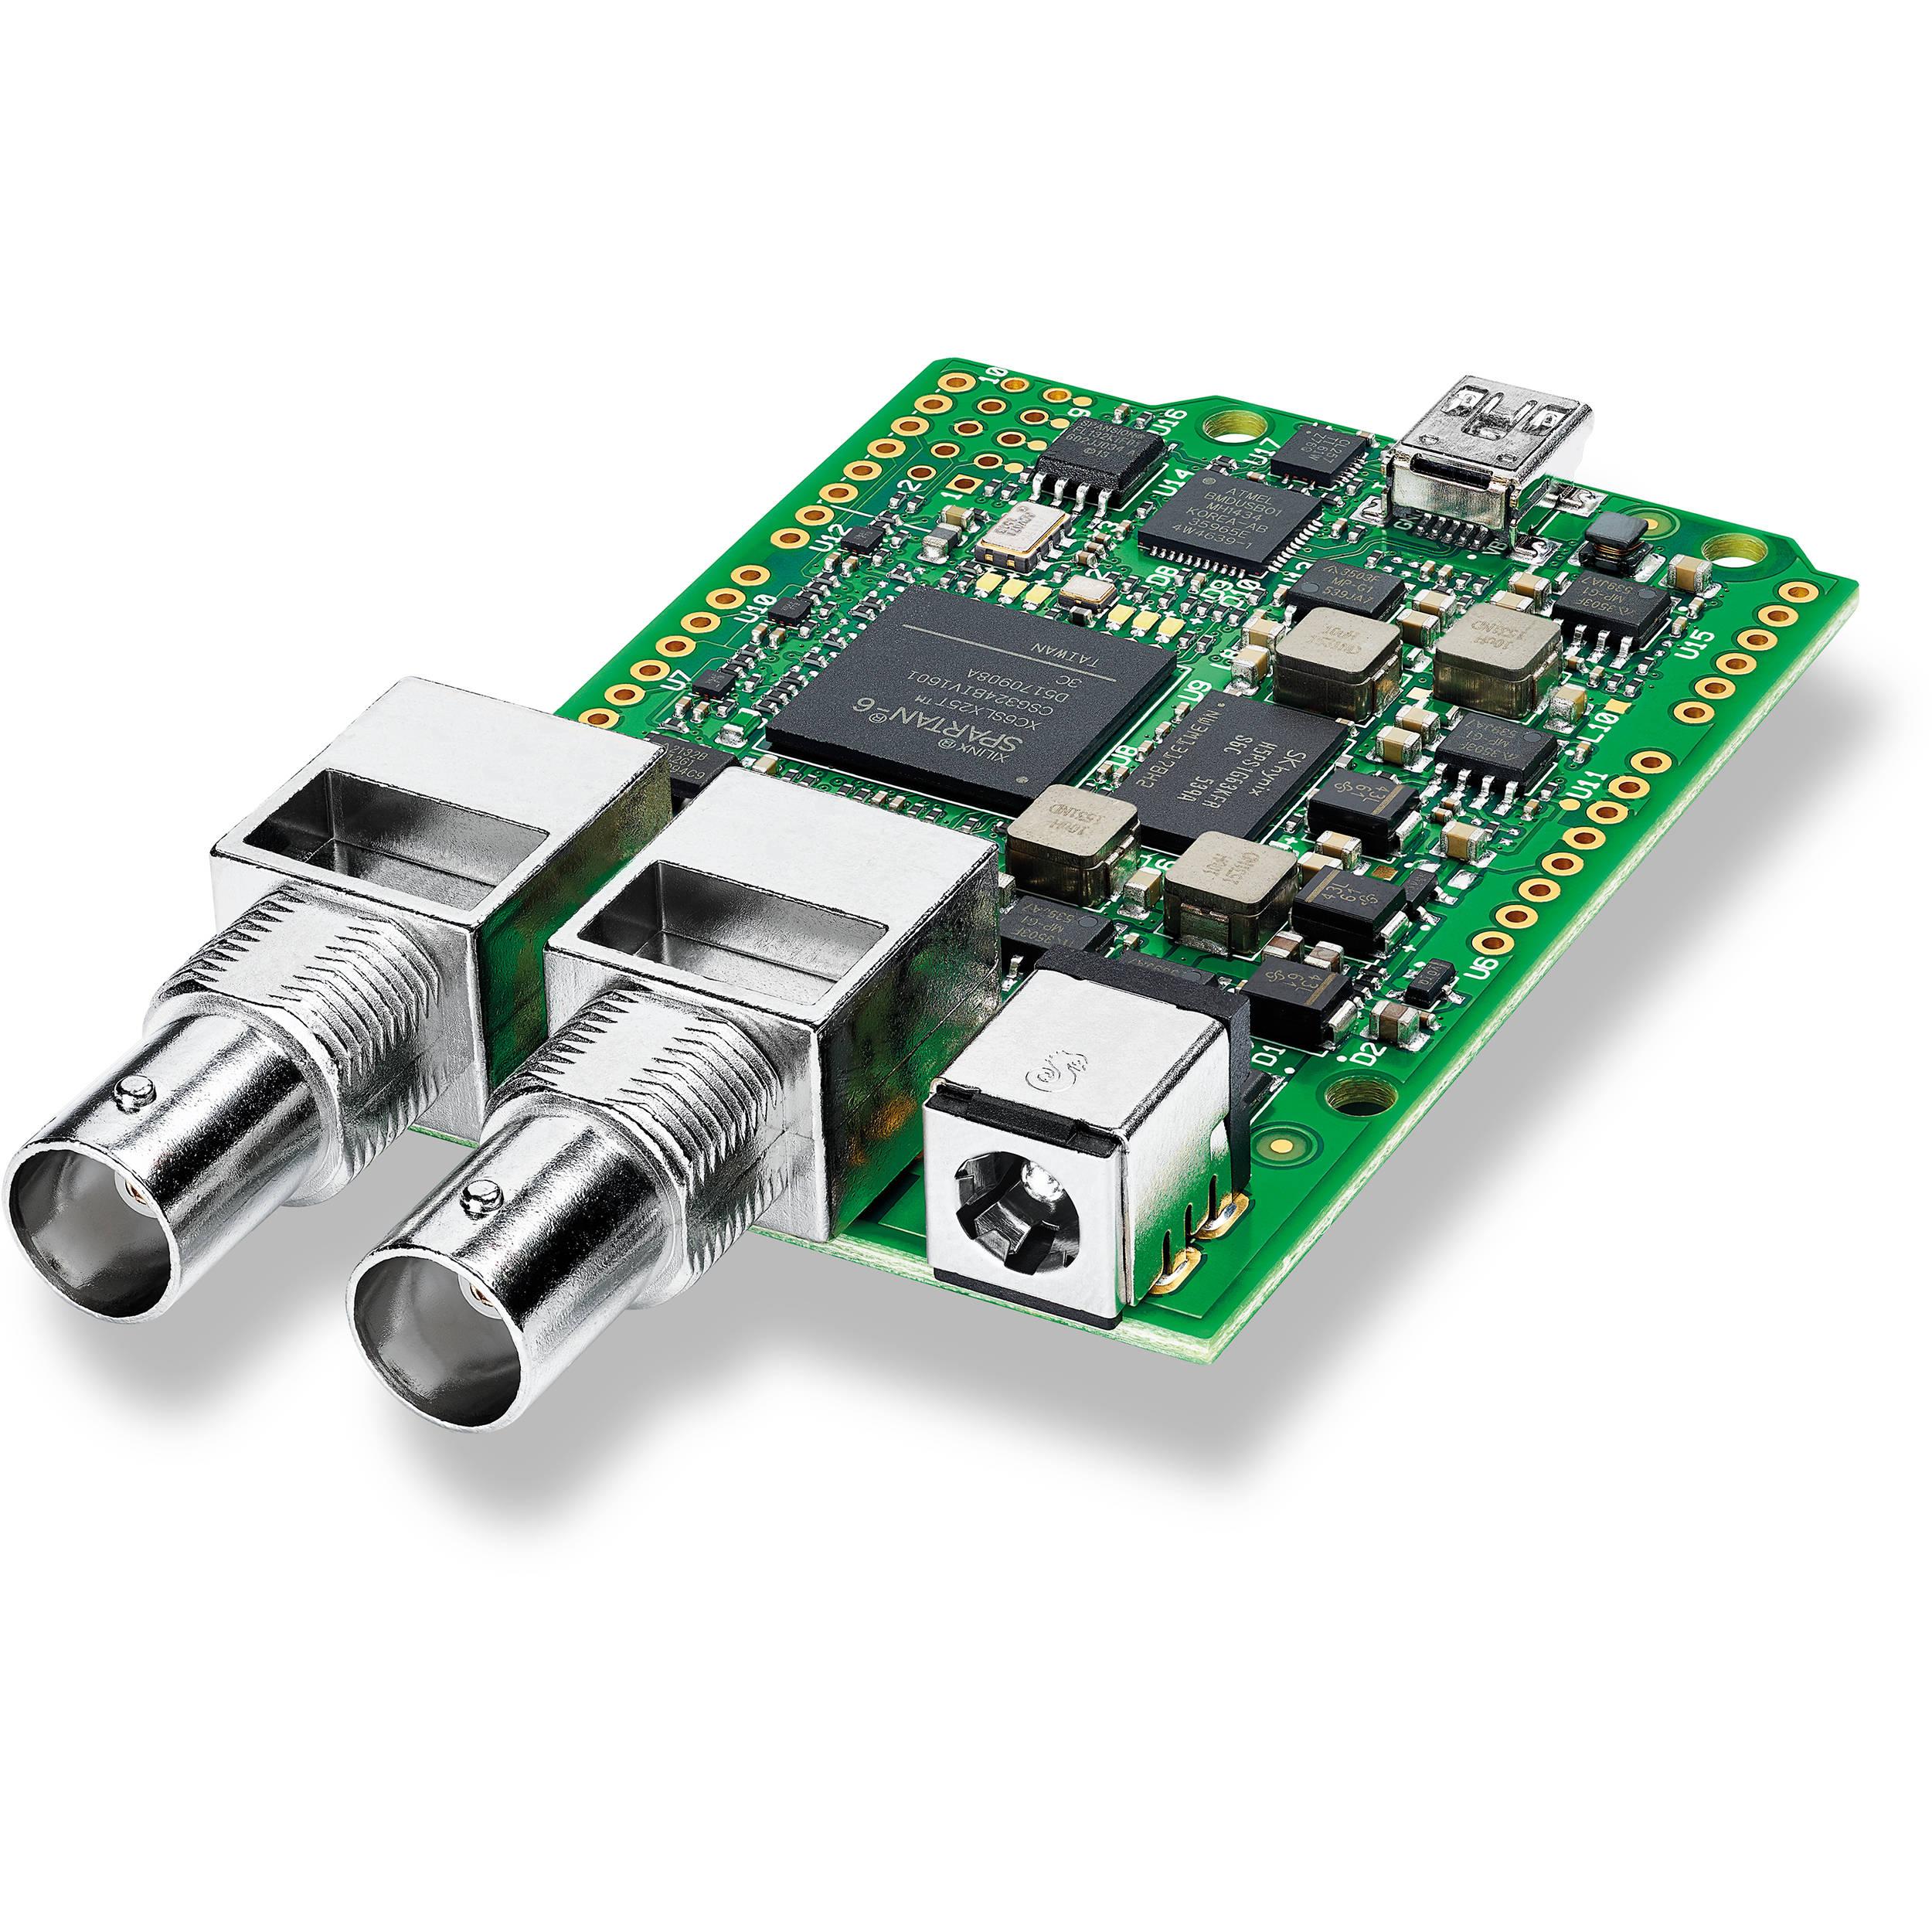 Blackmagic Design 3g Sdi Arduino Shield Cinstudxurdo 3g B Amp H